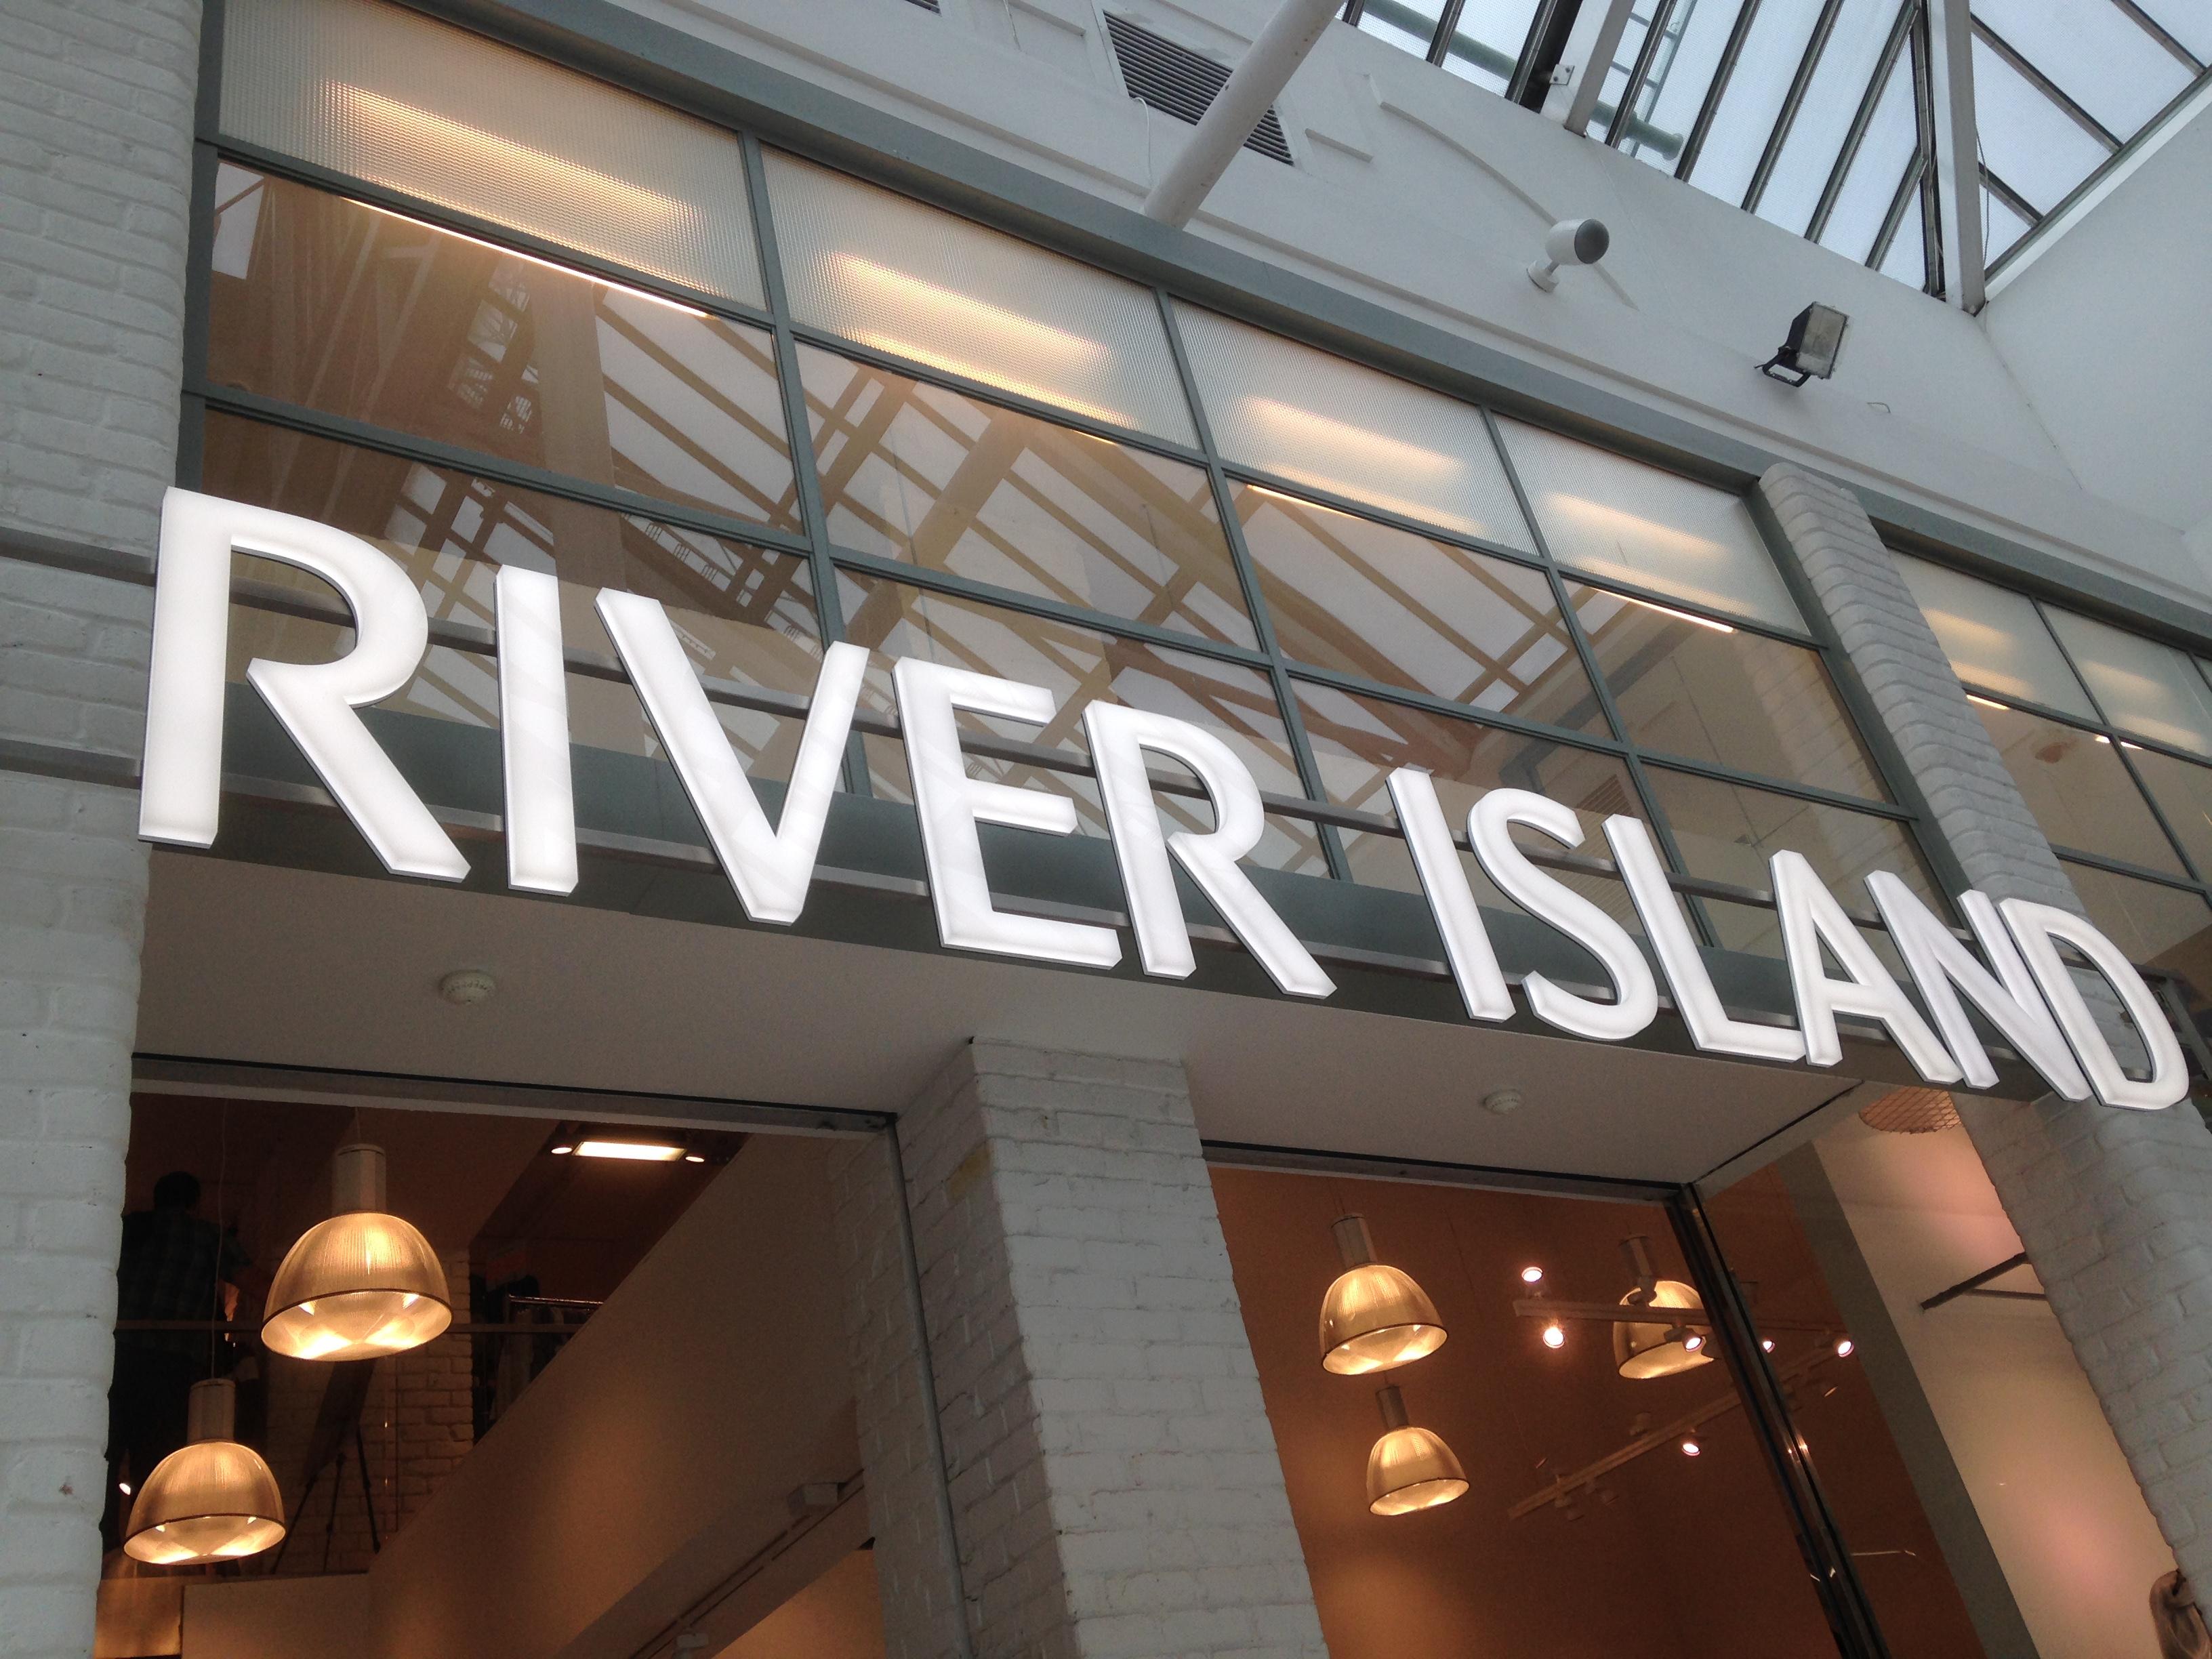 River Island Illuminated LED facia sign